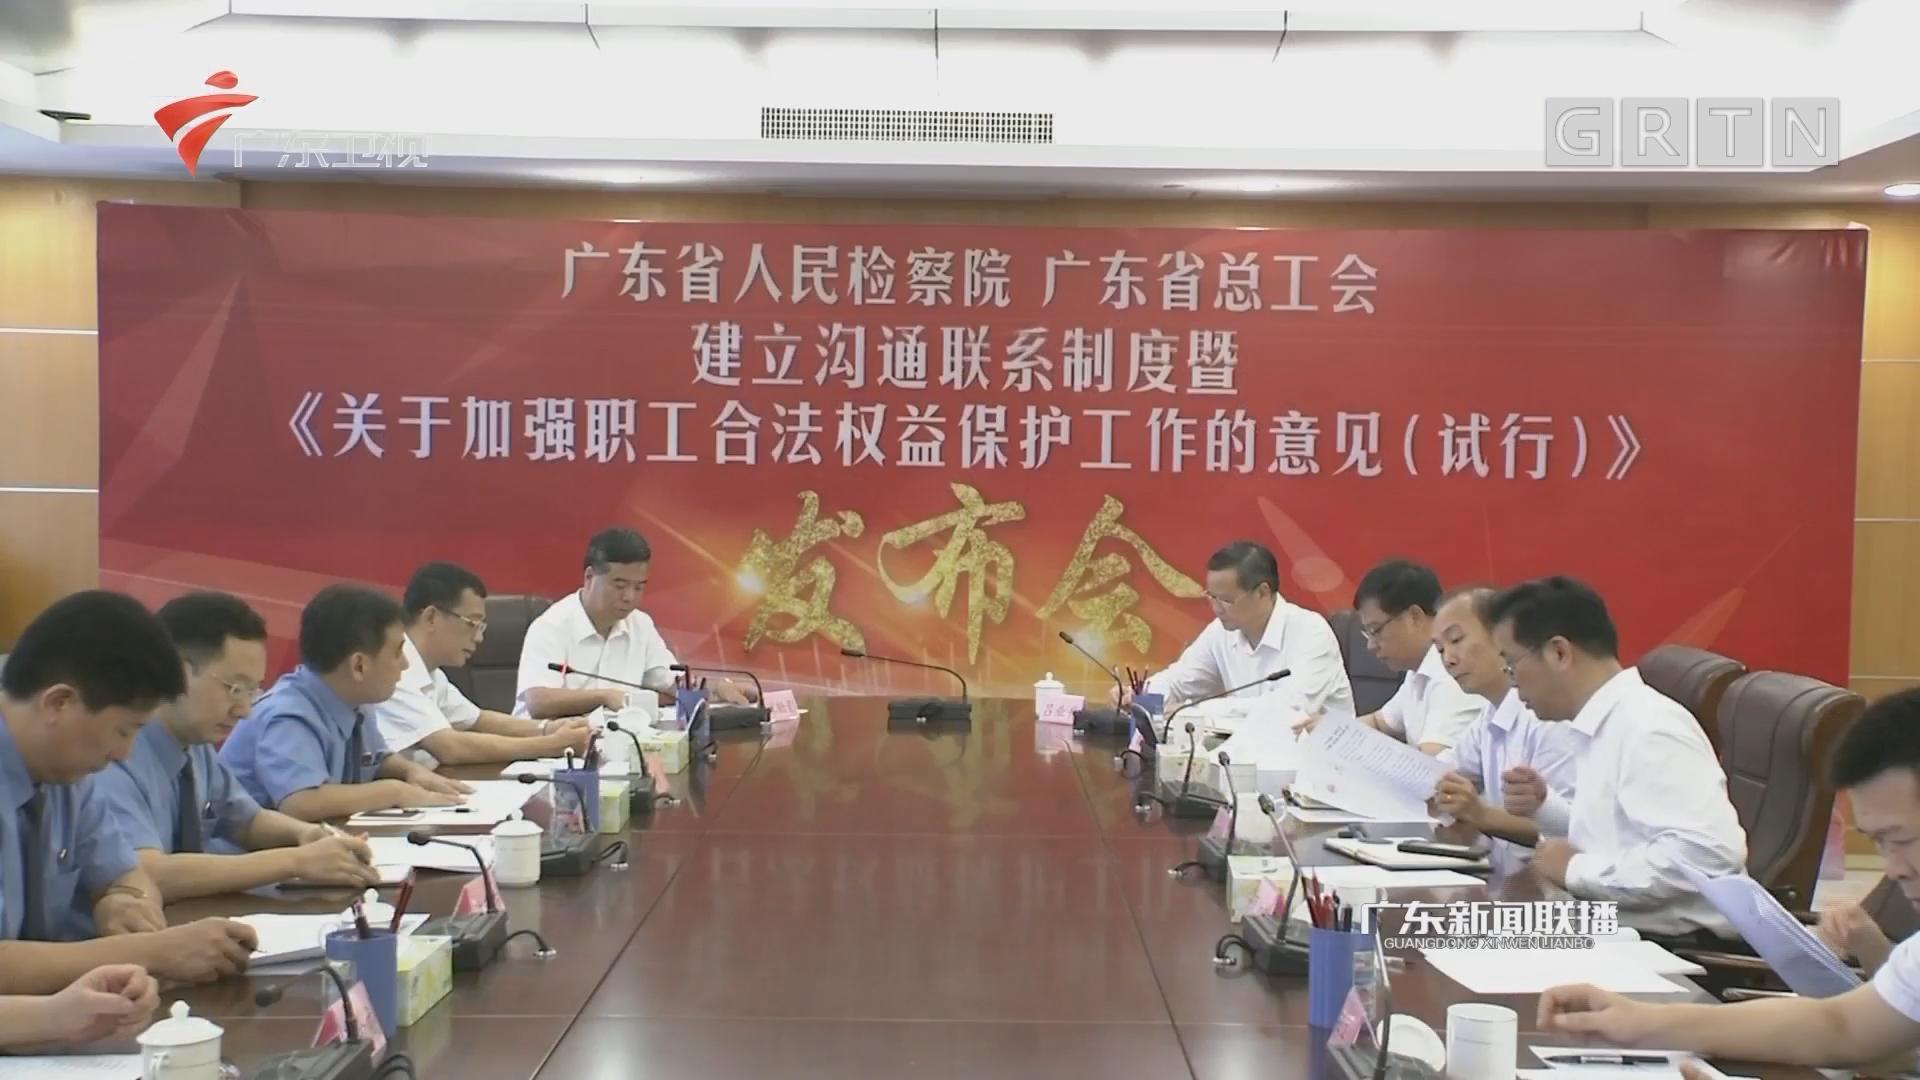 广东:为职工依法维护自身合法权益提供有力保障